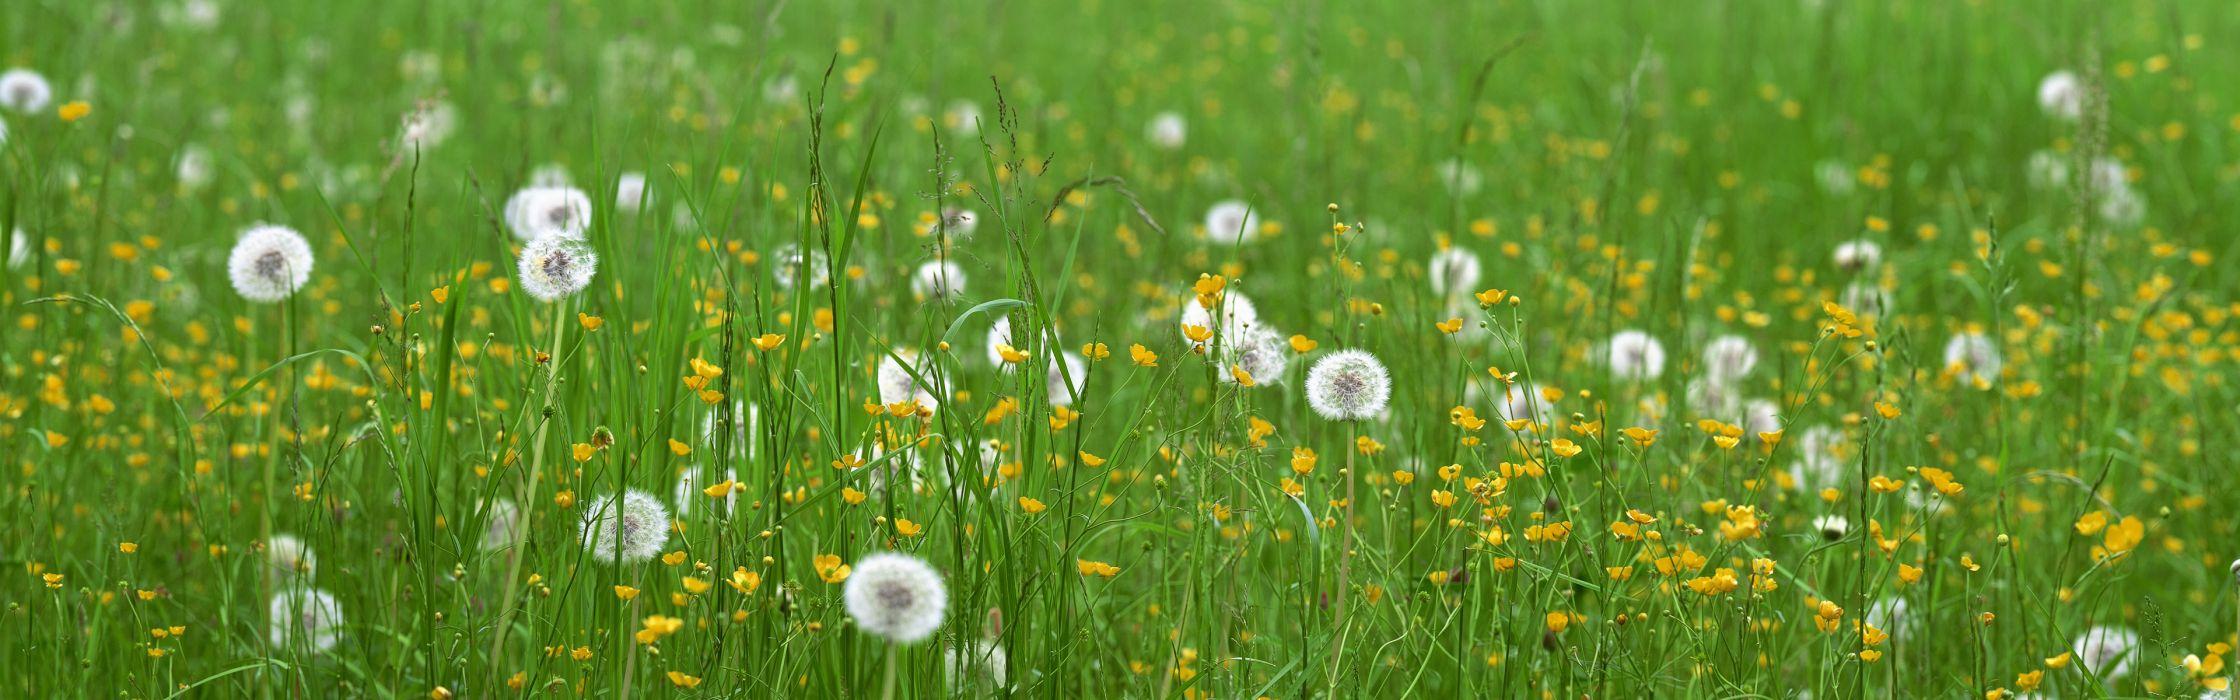 meadow dandelions wallpaper